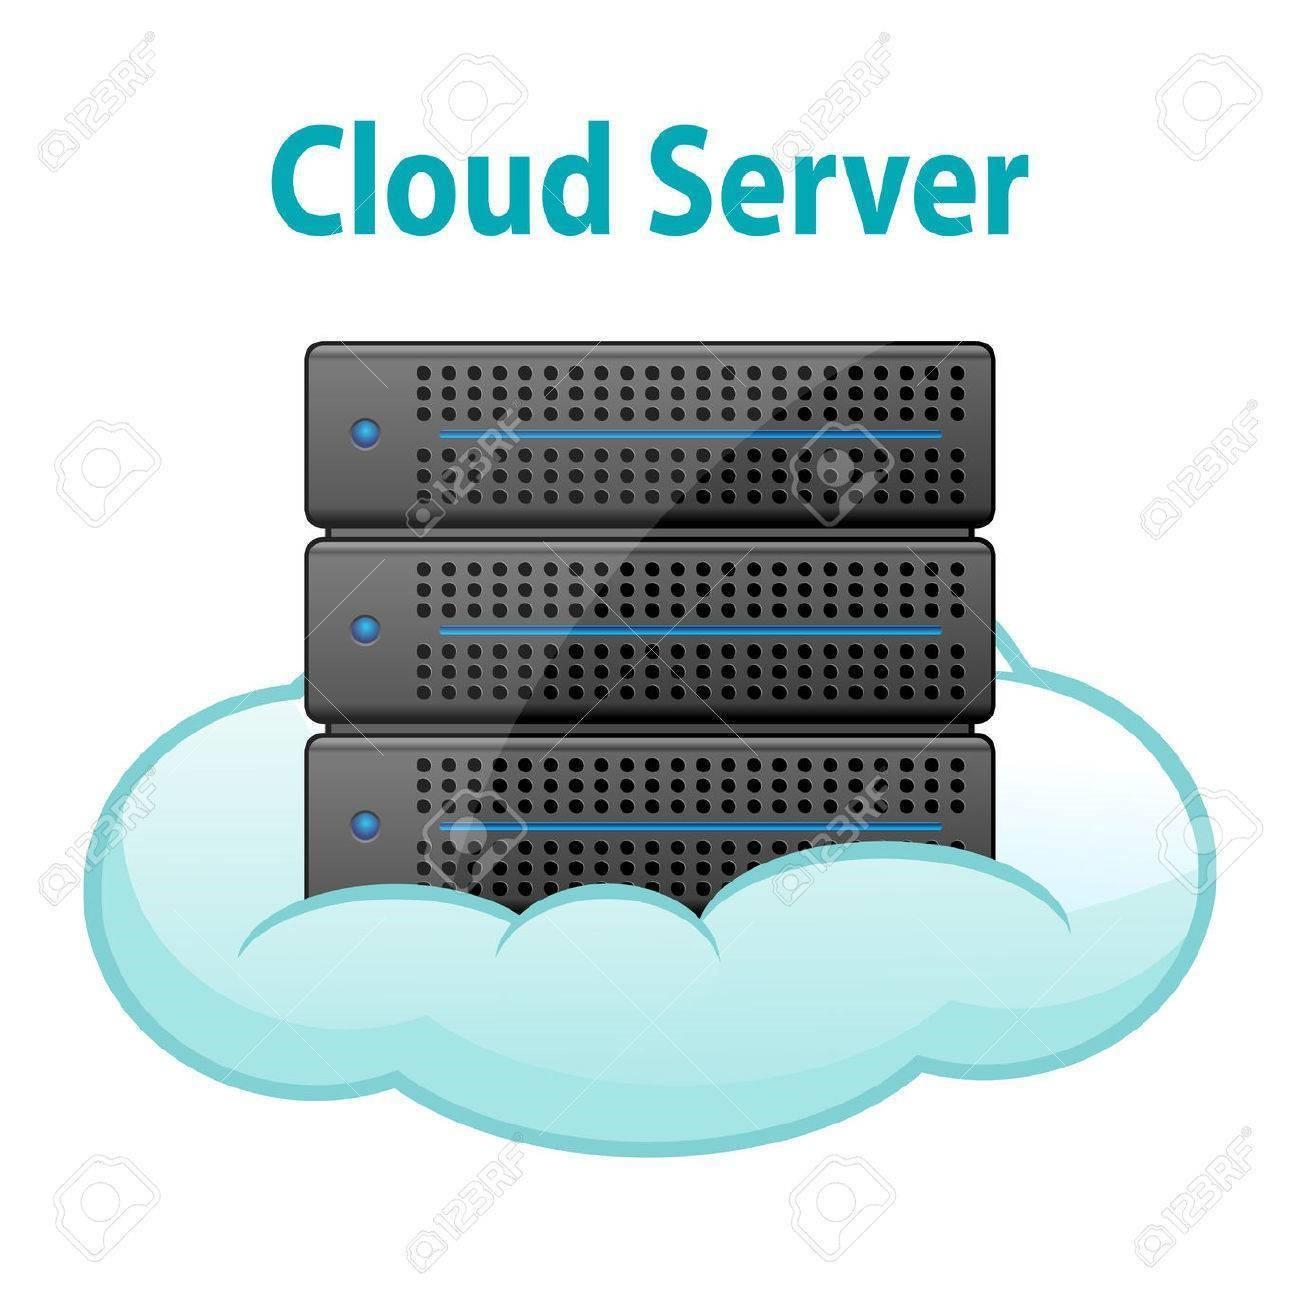 Các dịch vụ gia tăng tính bảo mật của hệ thống Cloud